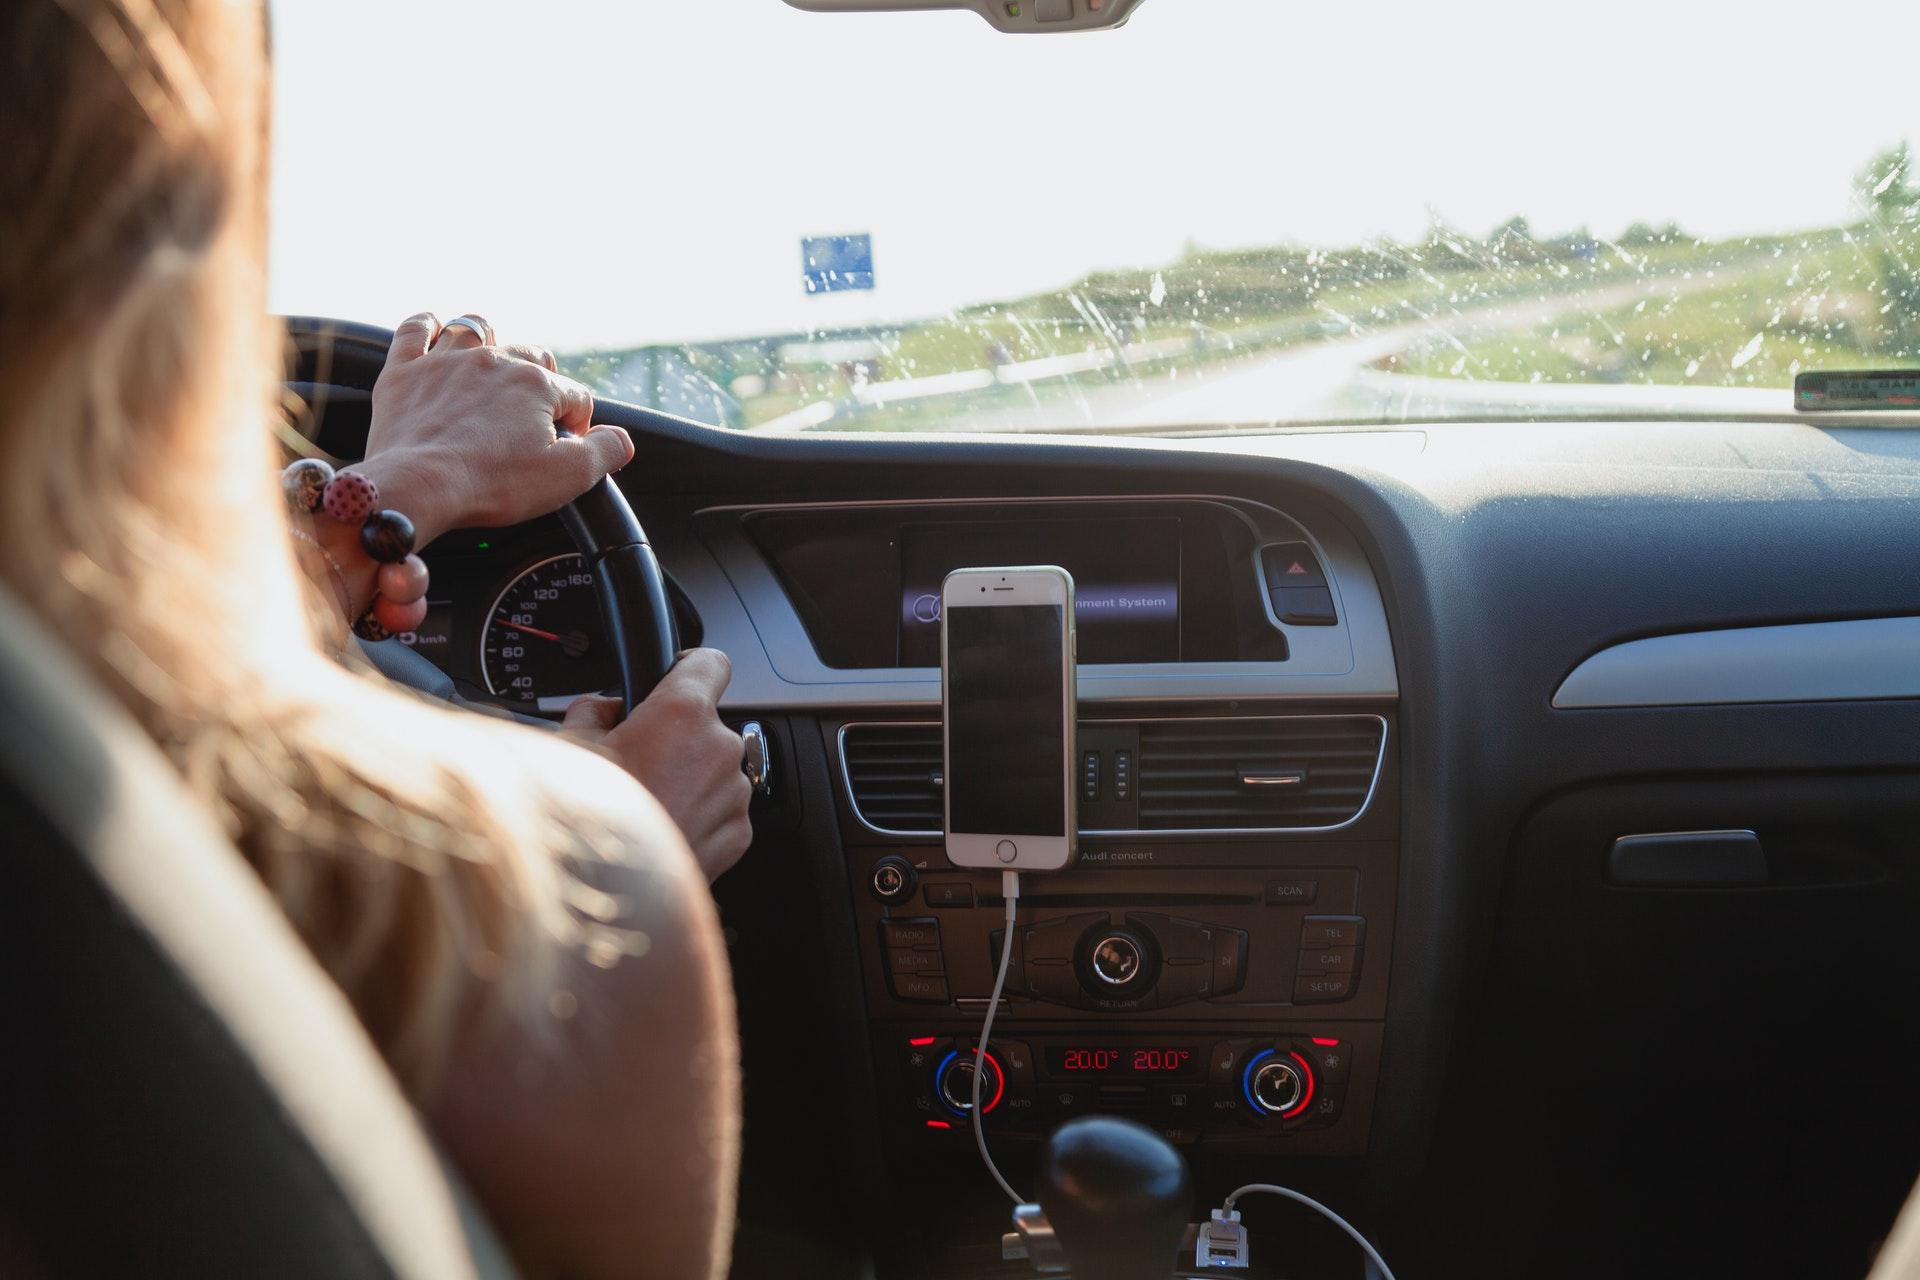 Hoy en día hay sencillos gadgets que nos ayudan a conducir seguro.